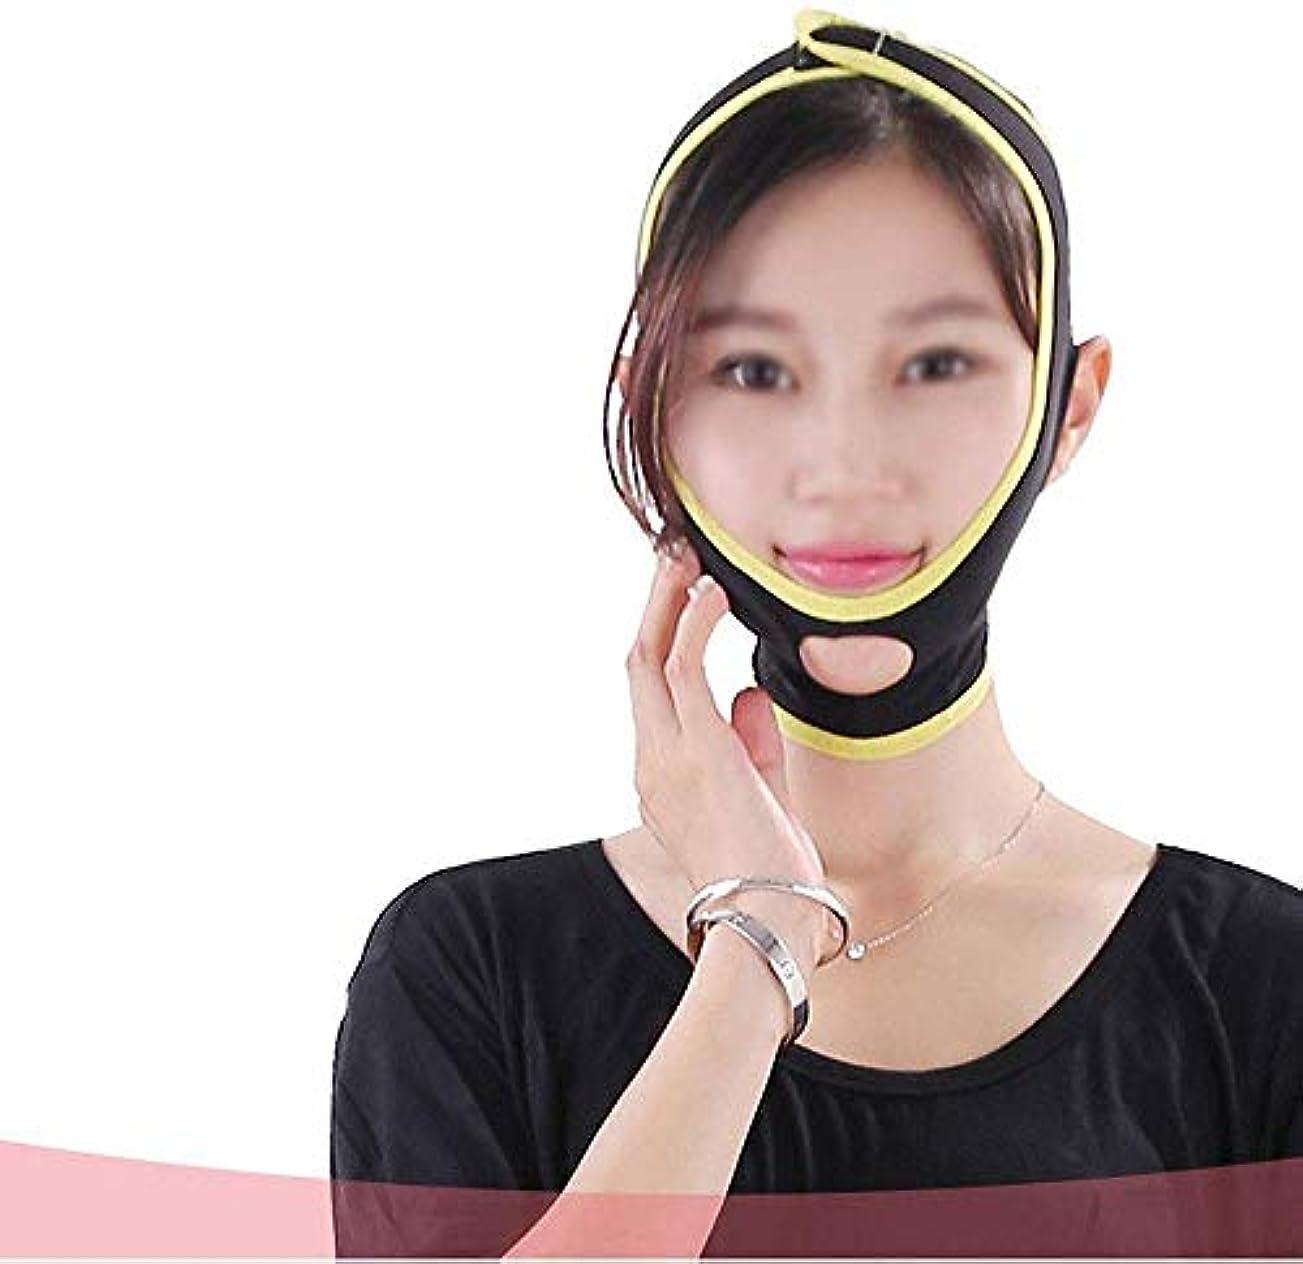 文化医学ジャグリングスリミングVフェイスマスク、薄型フェイスバンデージ、通気性睡眠スモールVフェイスマスクリフト引き締め肌アーティファクトダブルチン顔の減量包帯(サイズ:M)